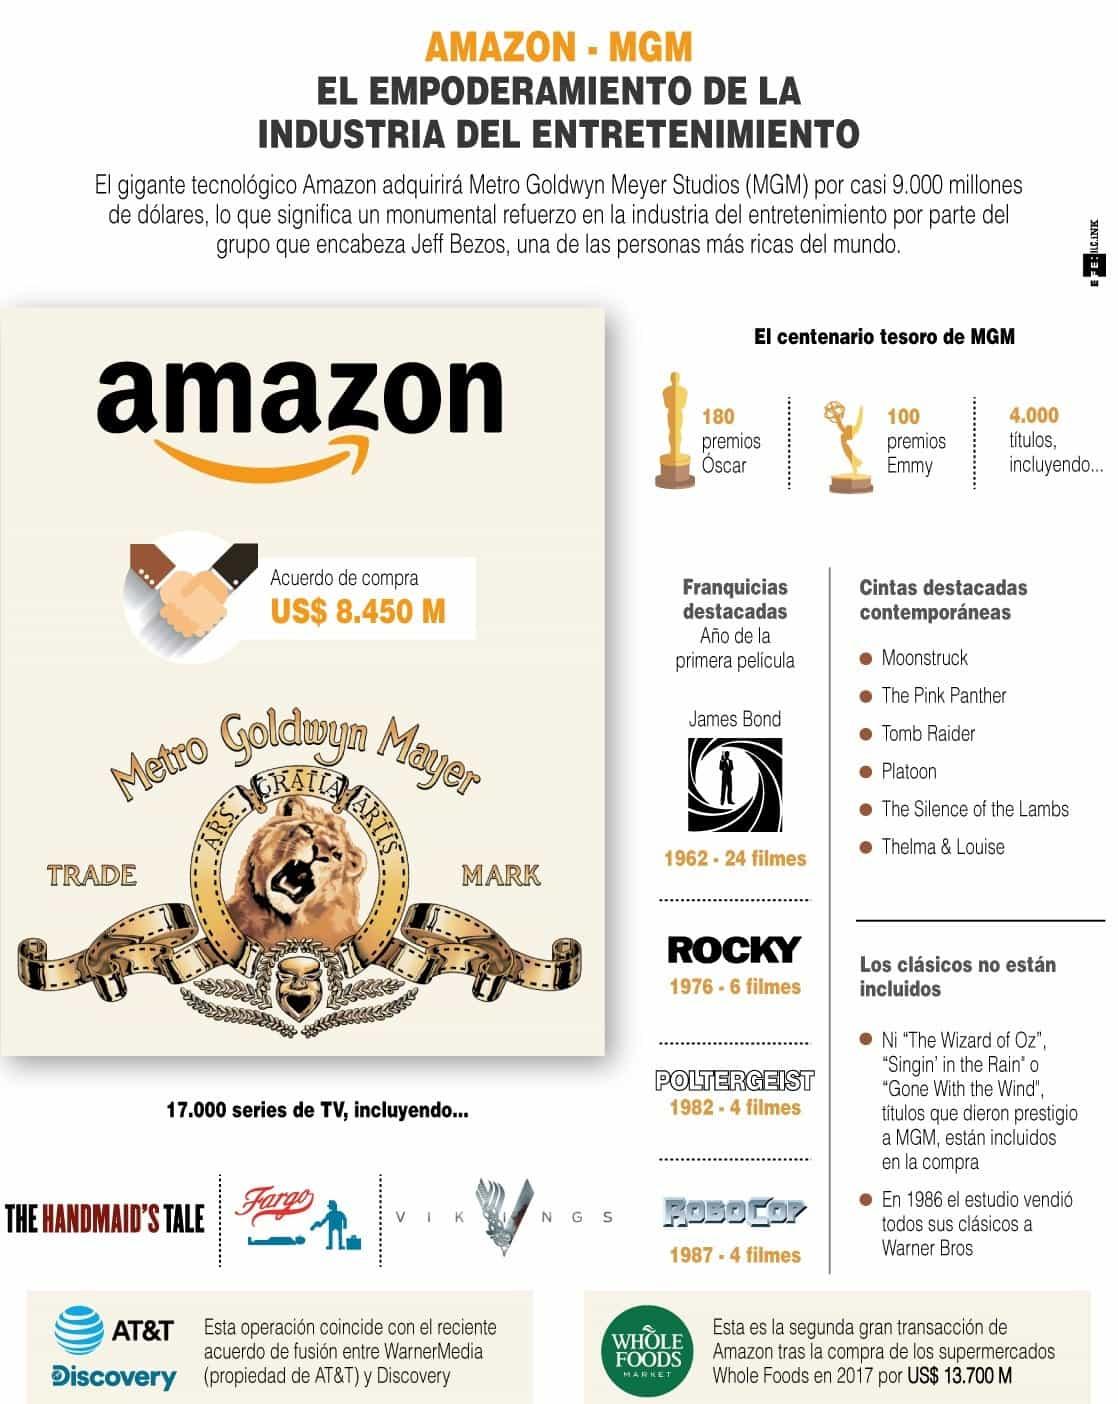 [Infografía] Amazon - MGM: El empoderamiento de la industria del entretenimiento 1